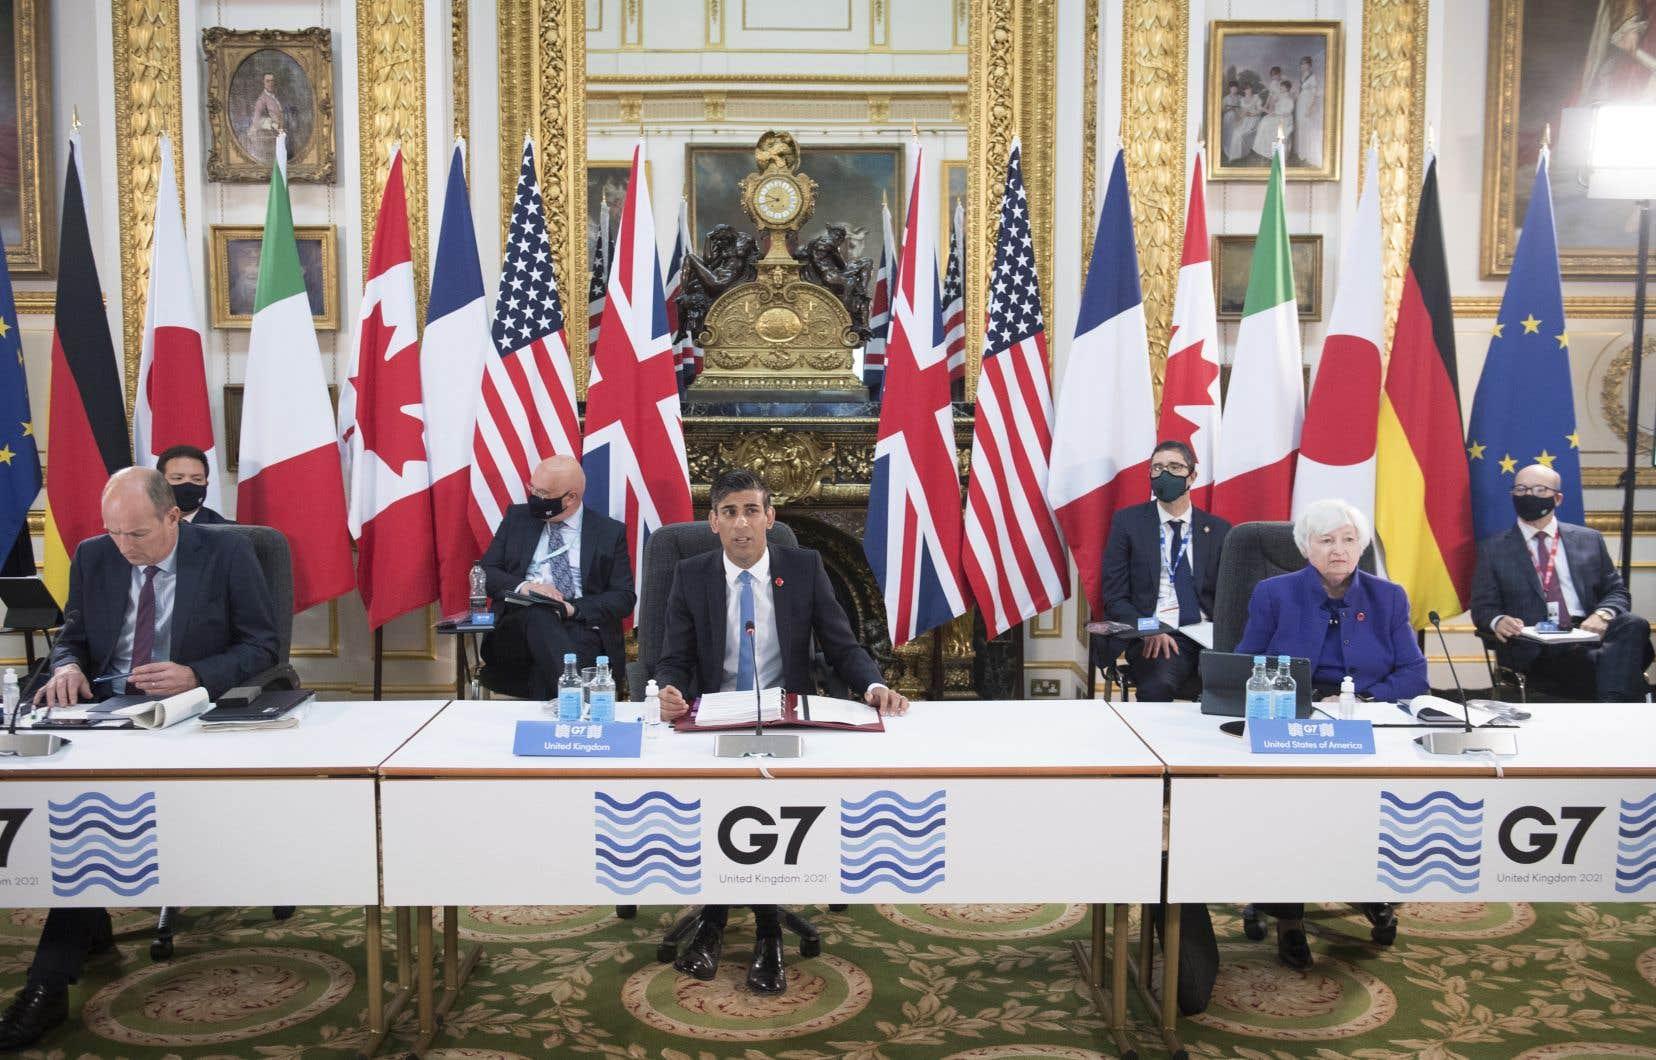 Après des années de négociations infructueuses, les États du G7 ont approuvé samedi à Londres une réforme qui semblait encore une vue de l'esprit jusqu'à tout récemment.